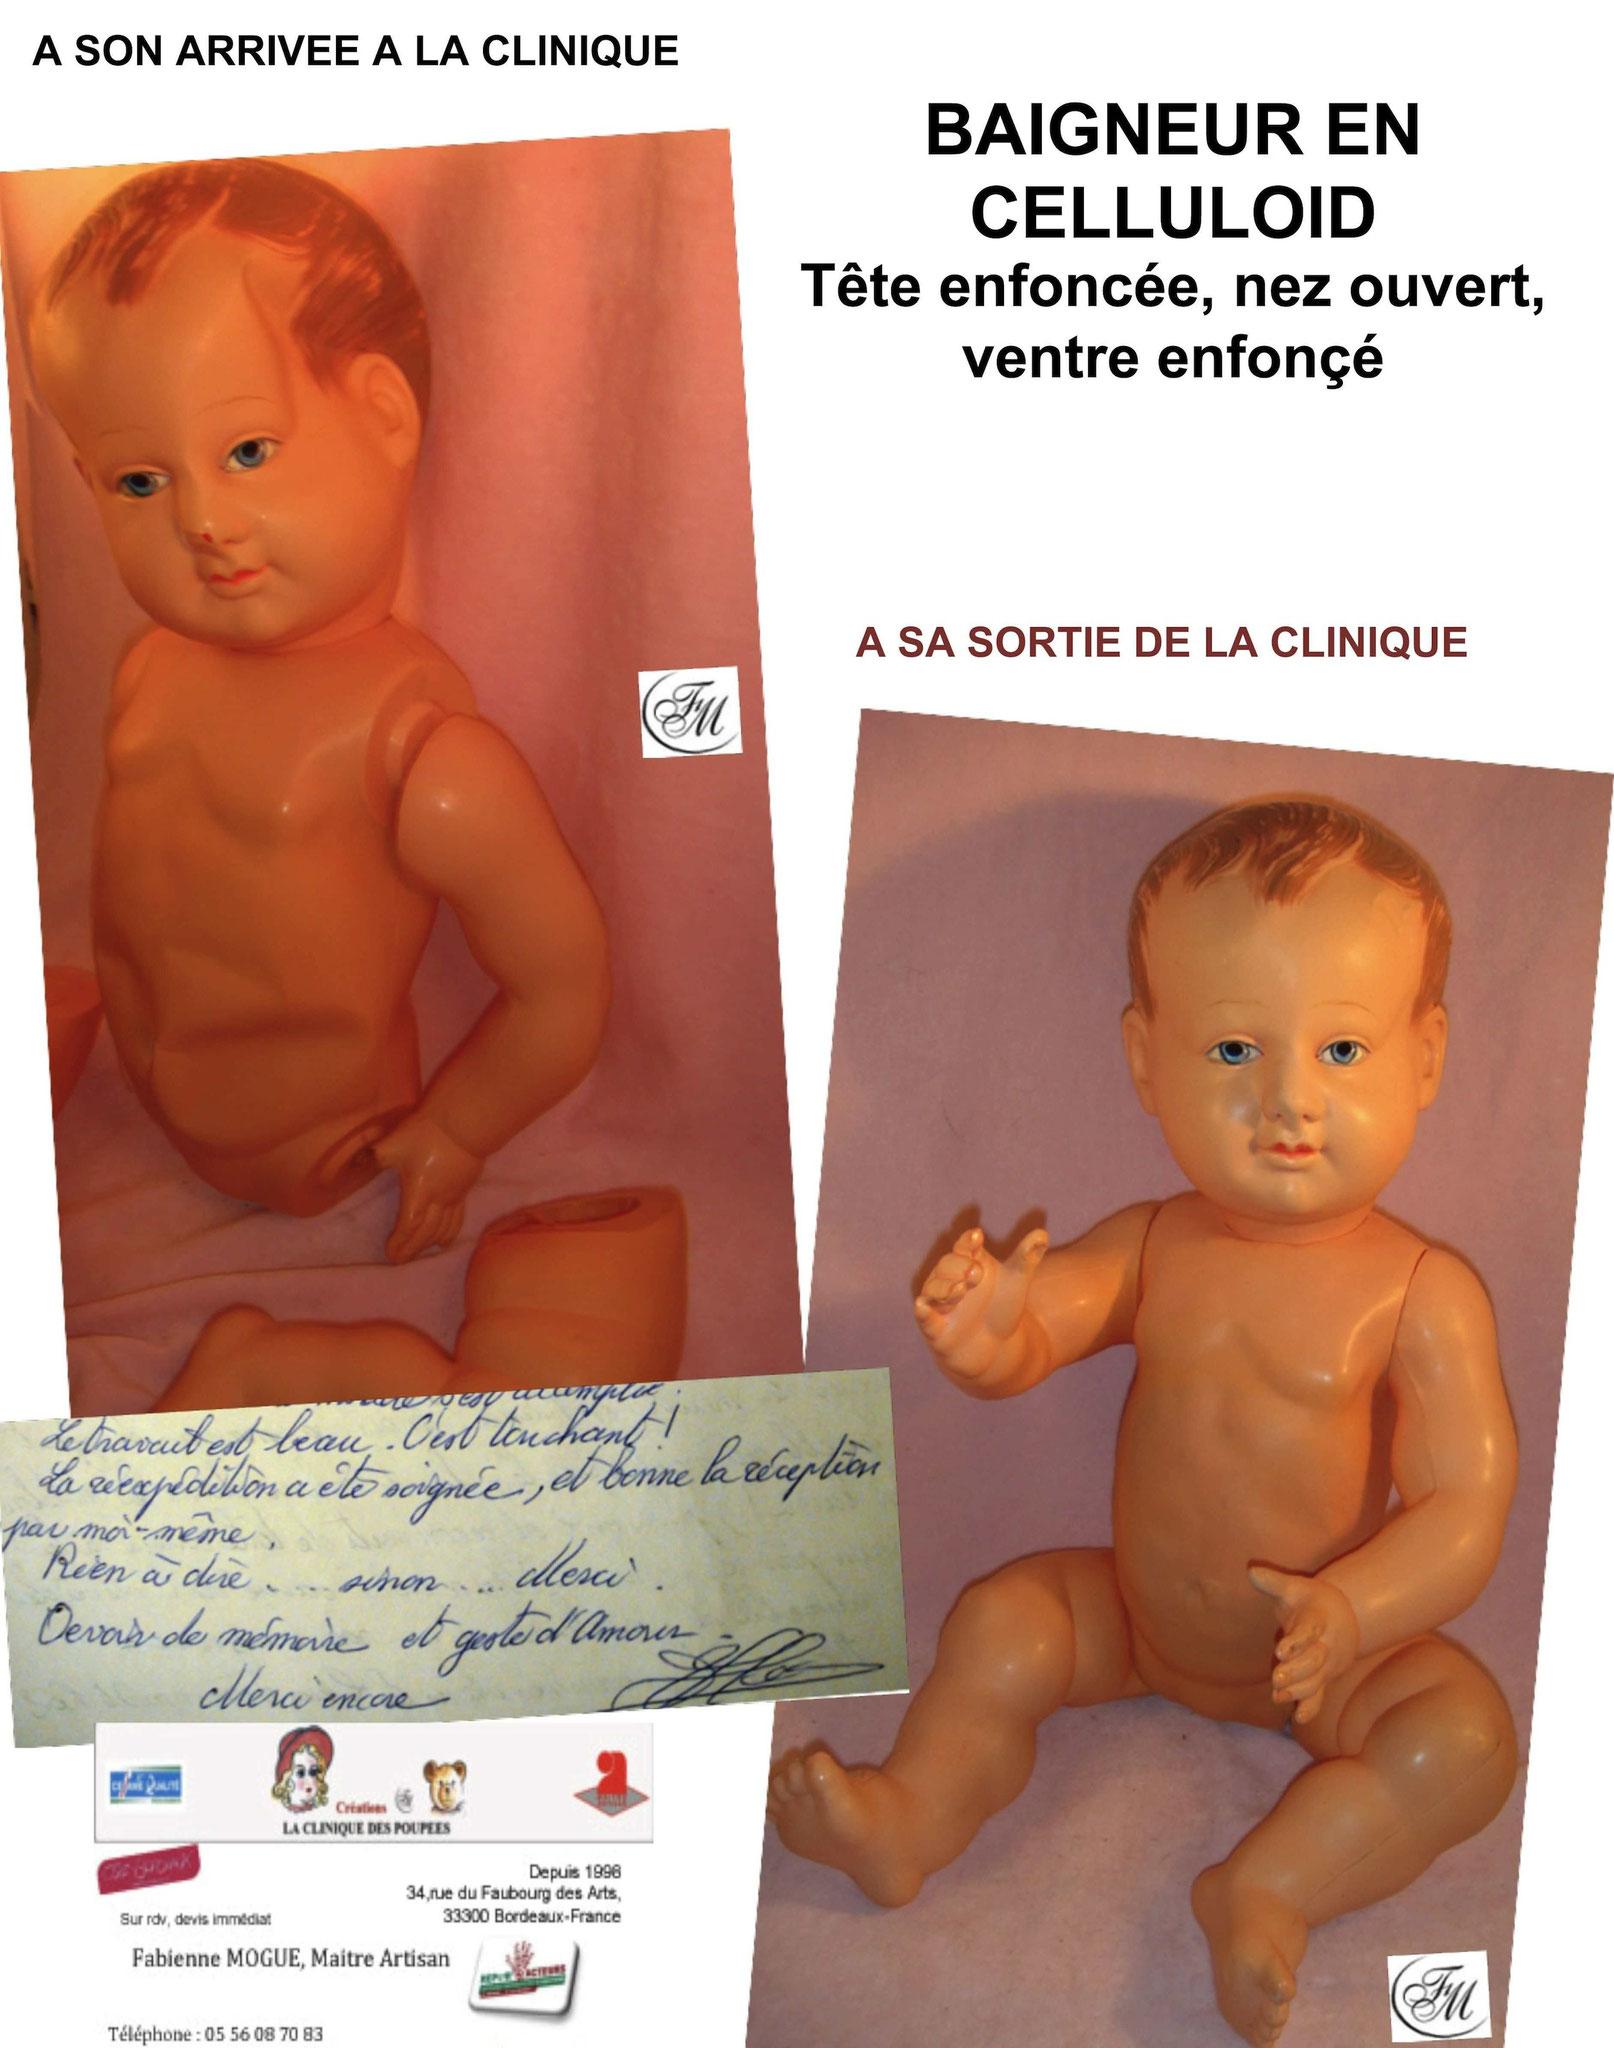 Baigneur en celluloid de La clinique des poupées - Bordeaux